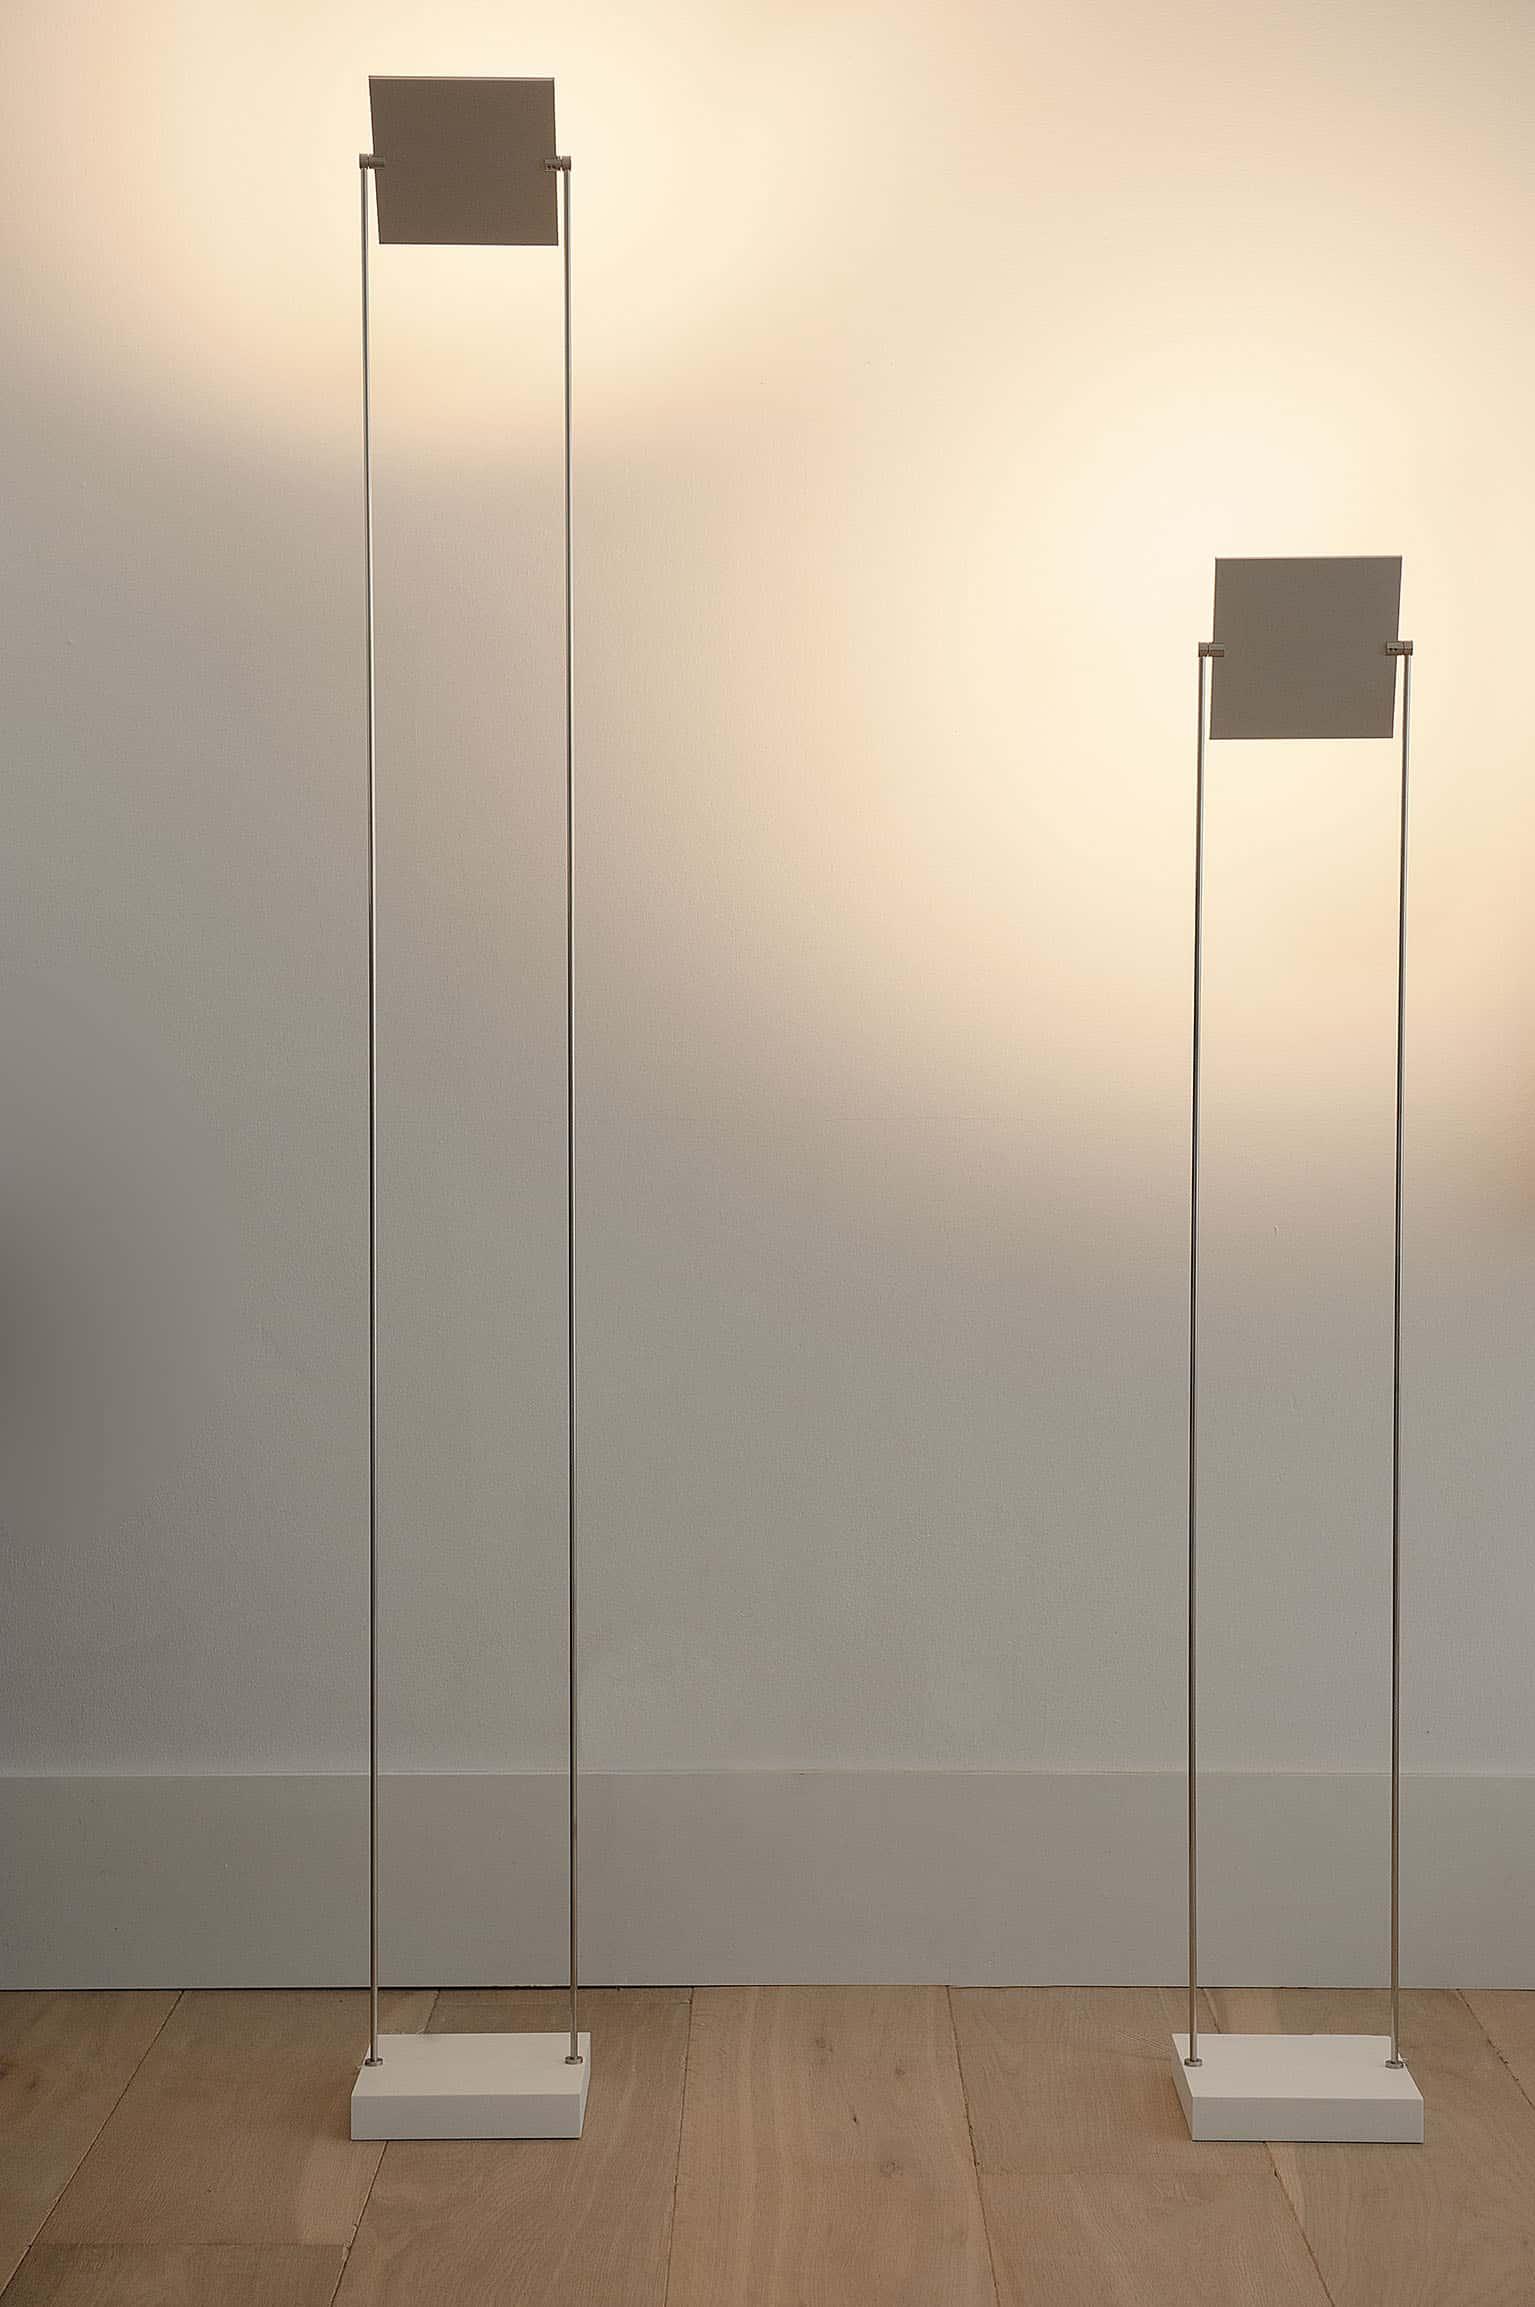 Ferrolight Pixel vloerlamp bij Hoogebeen Interieur